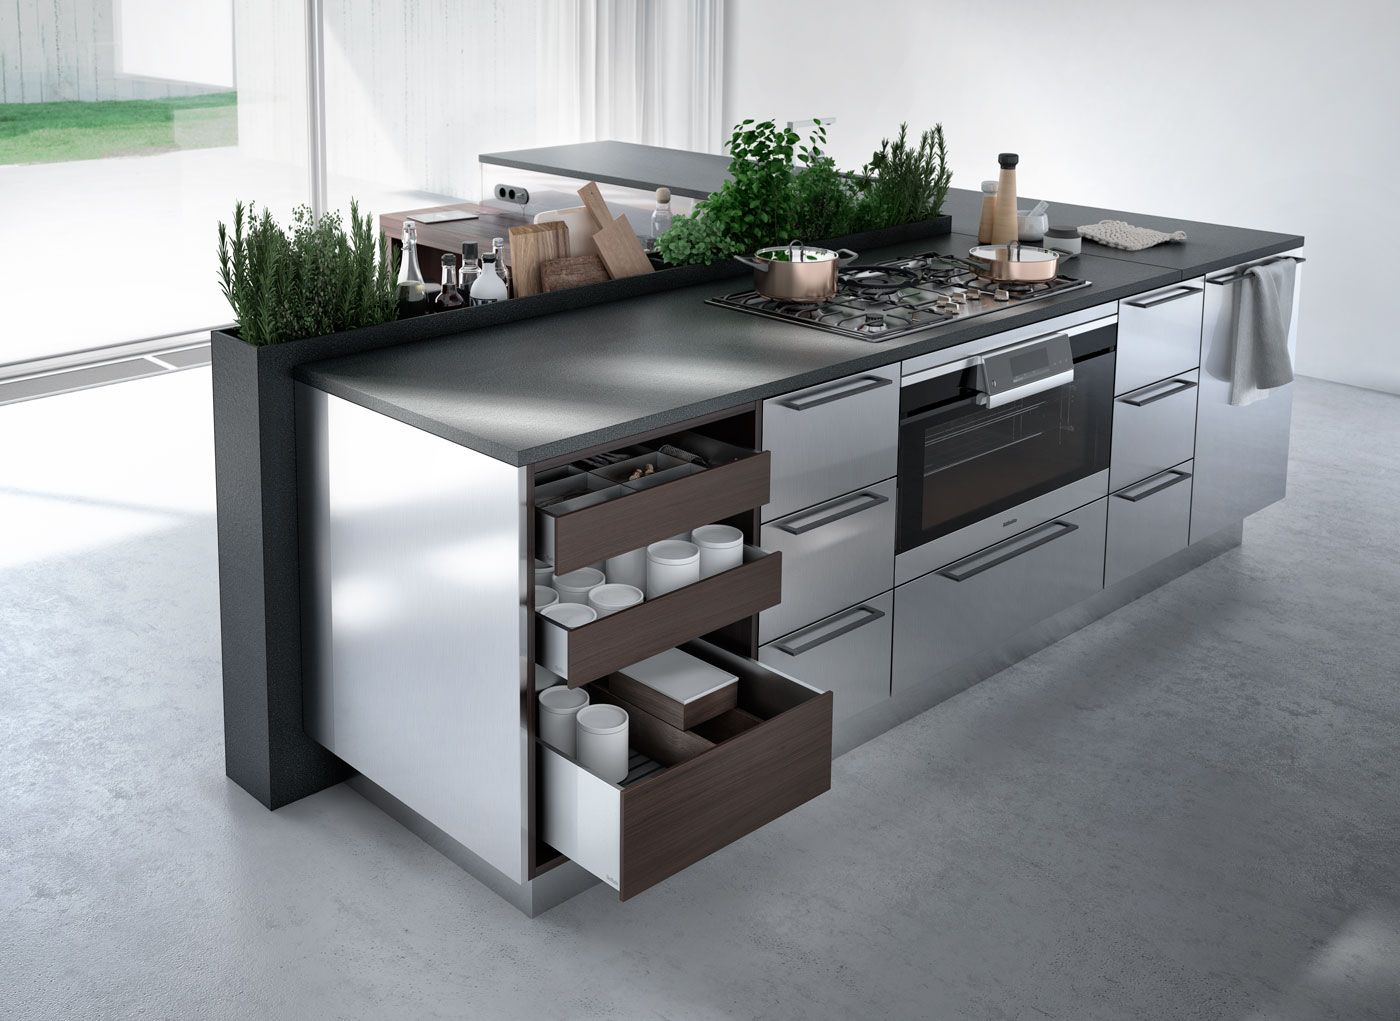 Tolle Einbauküchen Sydney Zeitgenössisch - Küchenschrank Ideen ...